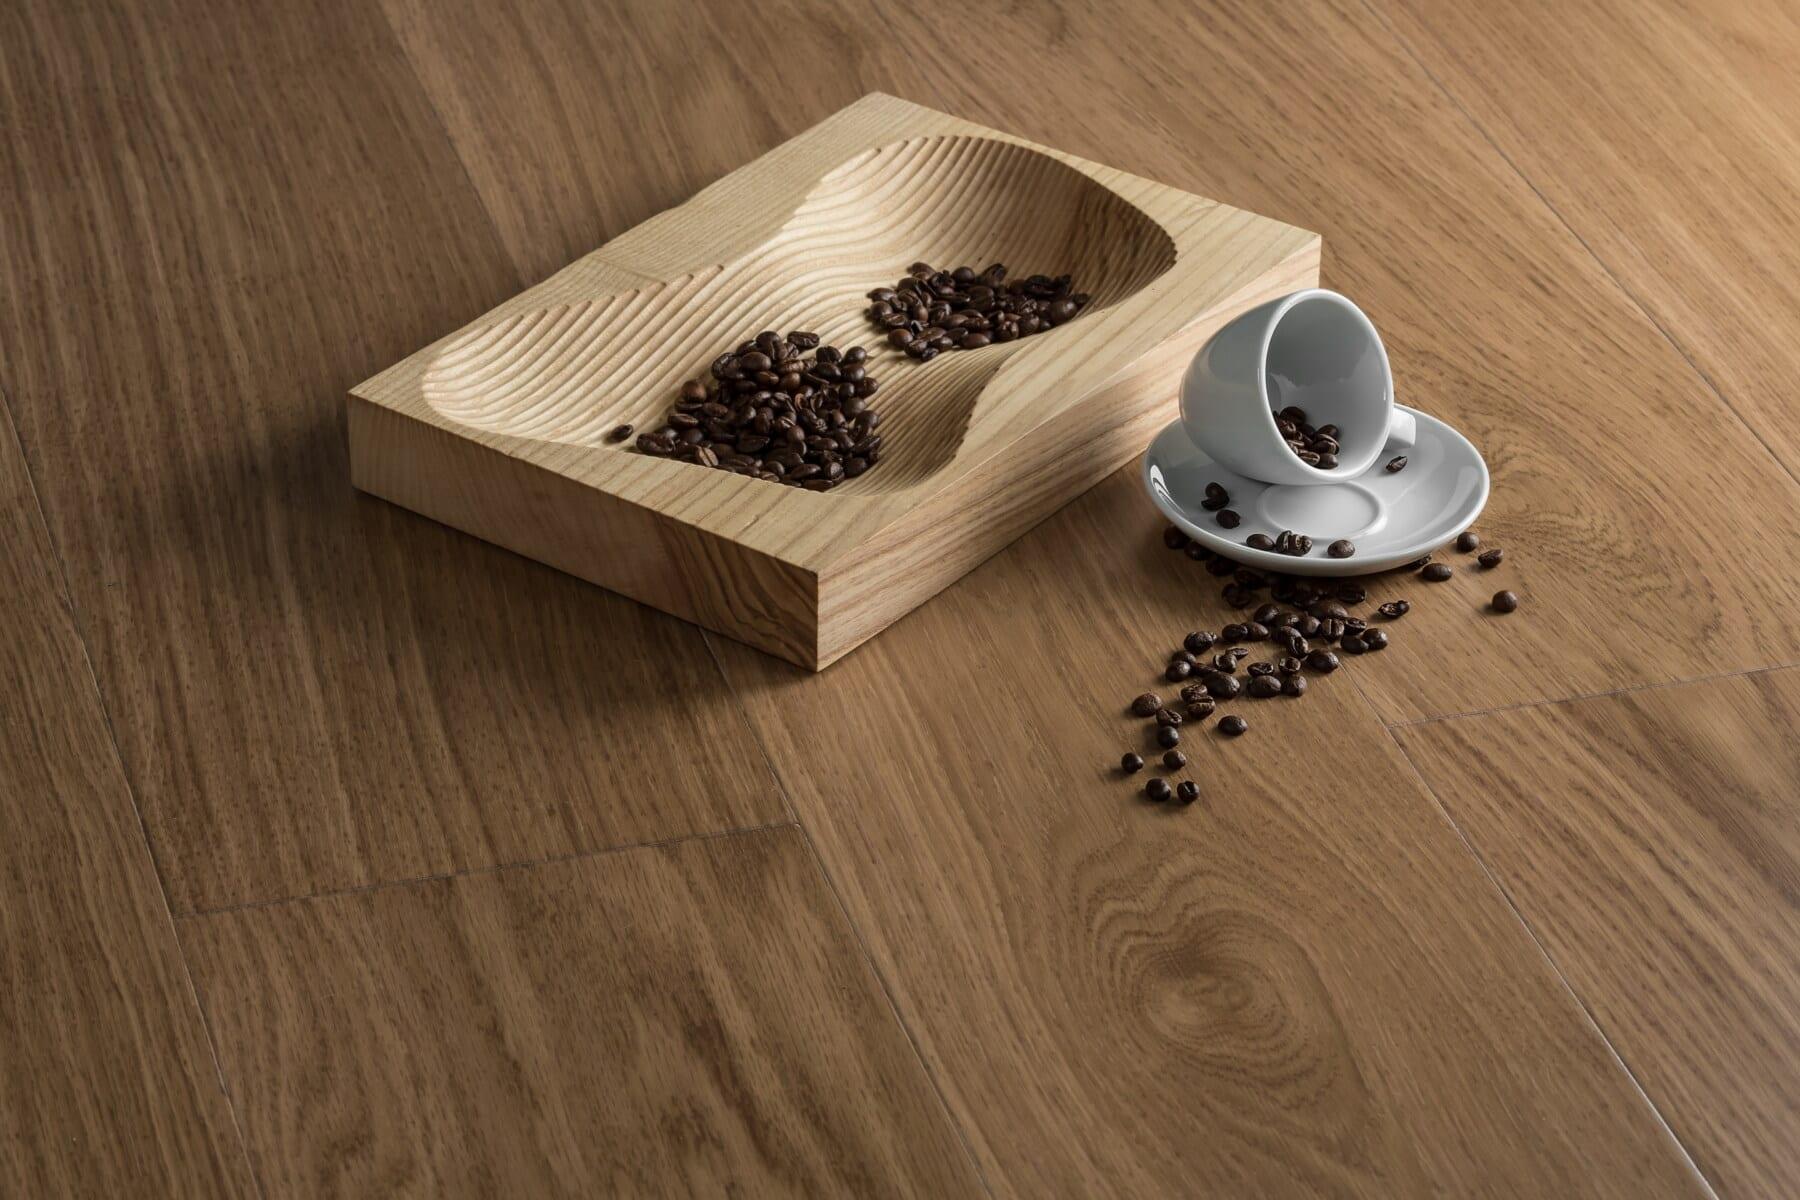 Samen, Kaffeetasse, Dunkel, Braten, Kaffee, Keramik, Hartholz, Holz, Schreibtisch, aus Holz